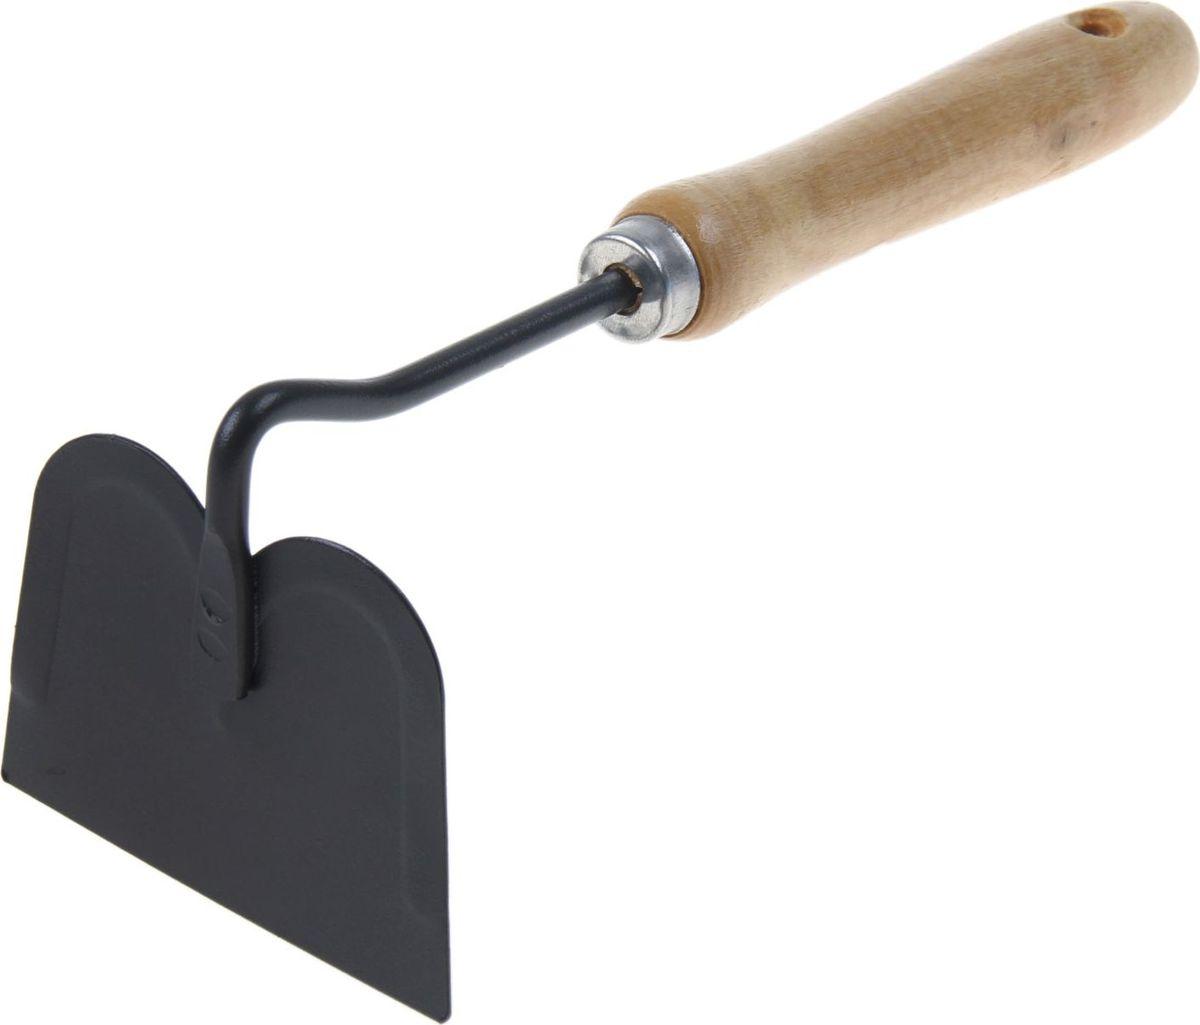 Мотыга Доляна, цвет: черный, бежевый, длина 28 см. 10050131005013Тяпка Доляна станет помощником для тех, кто по-настоящему любит дачу или огород. Инструмент отлично подходит для прополки. Приспособление удаляет сорняки вместе с их корнями, надолго оставляя грядки чистыми и ухоженными. Данная модель выполнена из металла и дерева. Такое сочетание материалов делает конструкцию прочной, но лёгкой для работы. Размер: 28 см. Материал: дерево, металл.